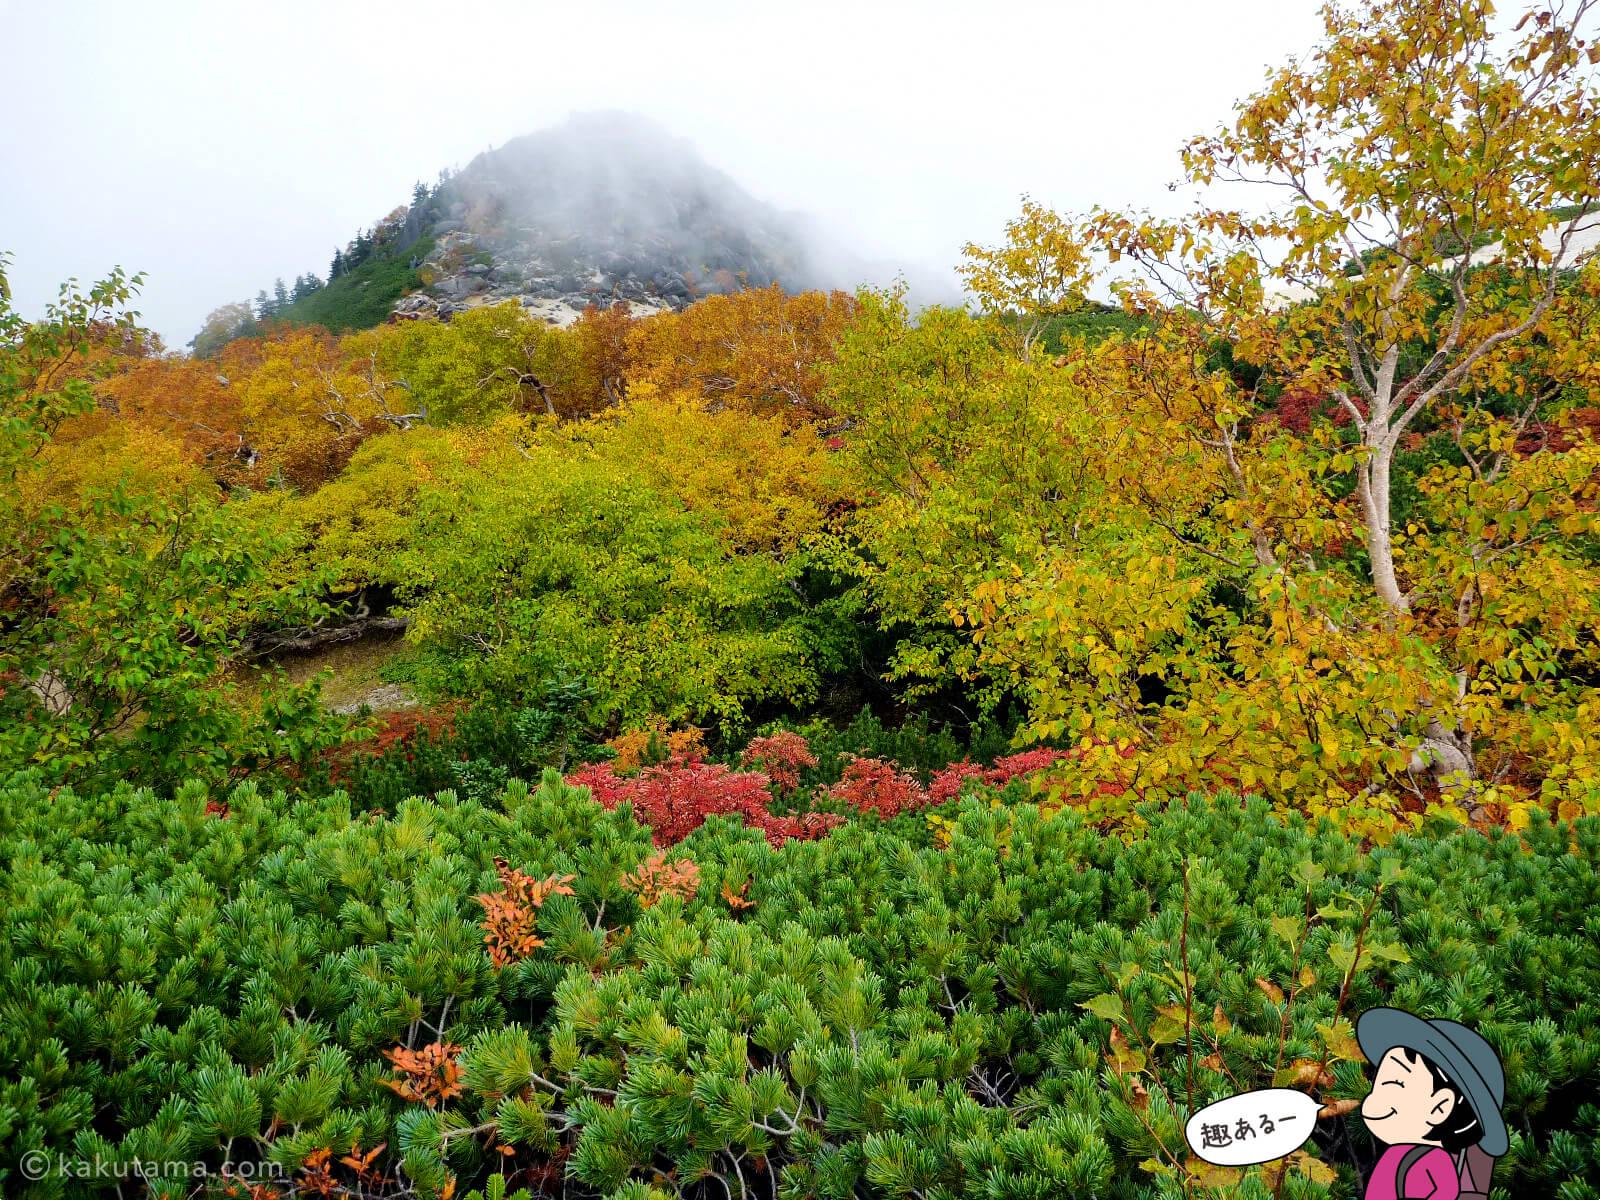 鳳凰三山薬師岳での紅葉写真とイラスト3